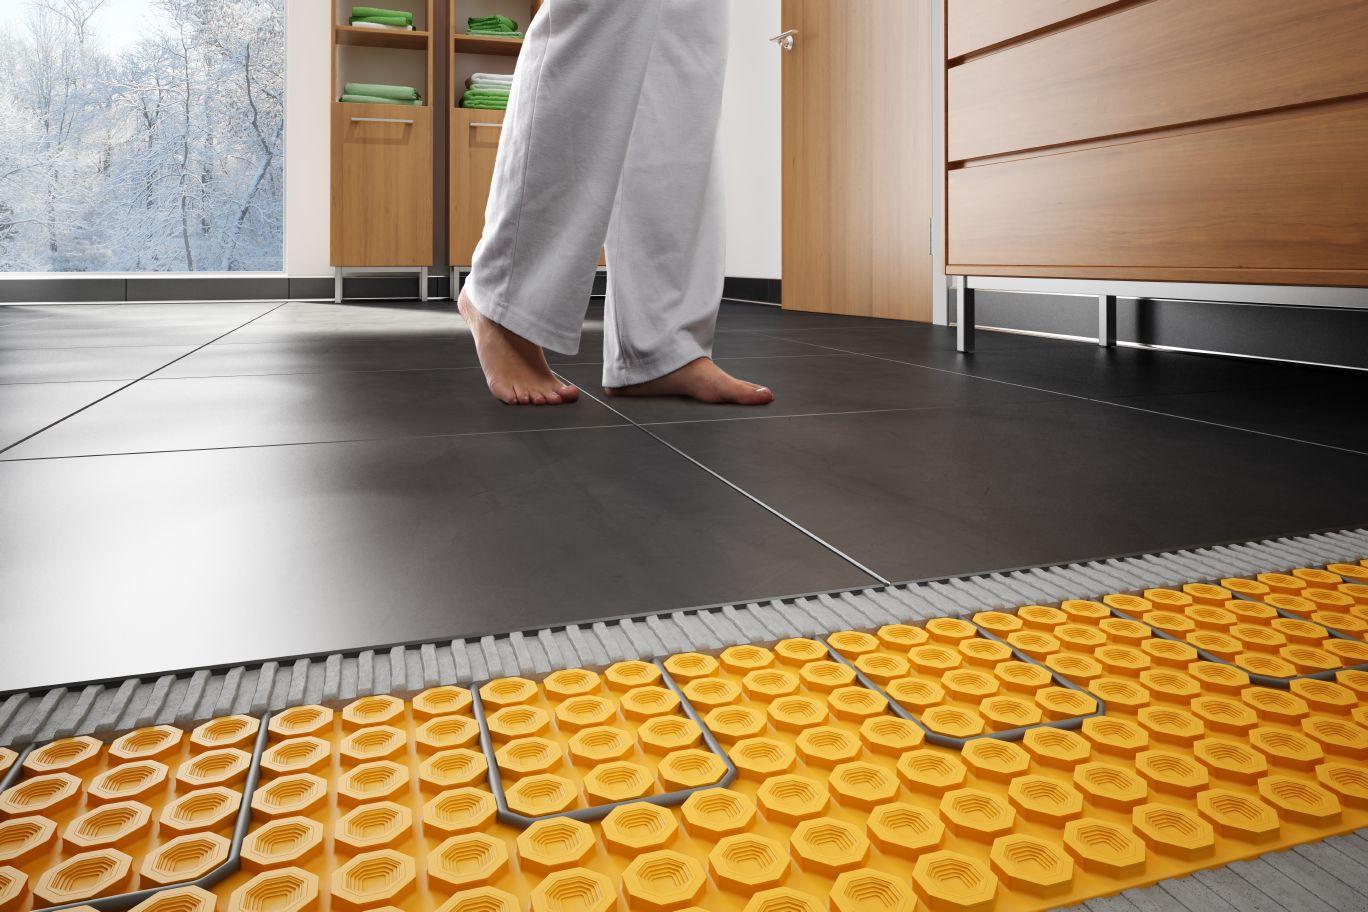 hardwood floor installation cost denver of schlutera ditra heat floor warming schluter com inside schlutera ditra heat